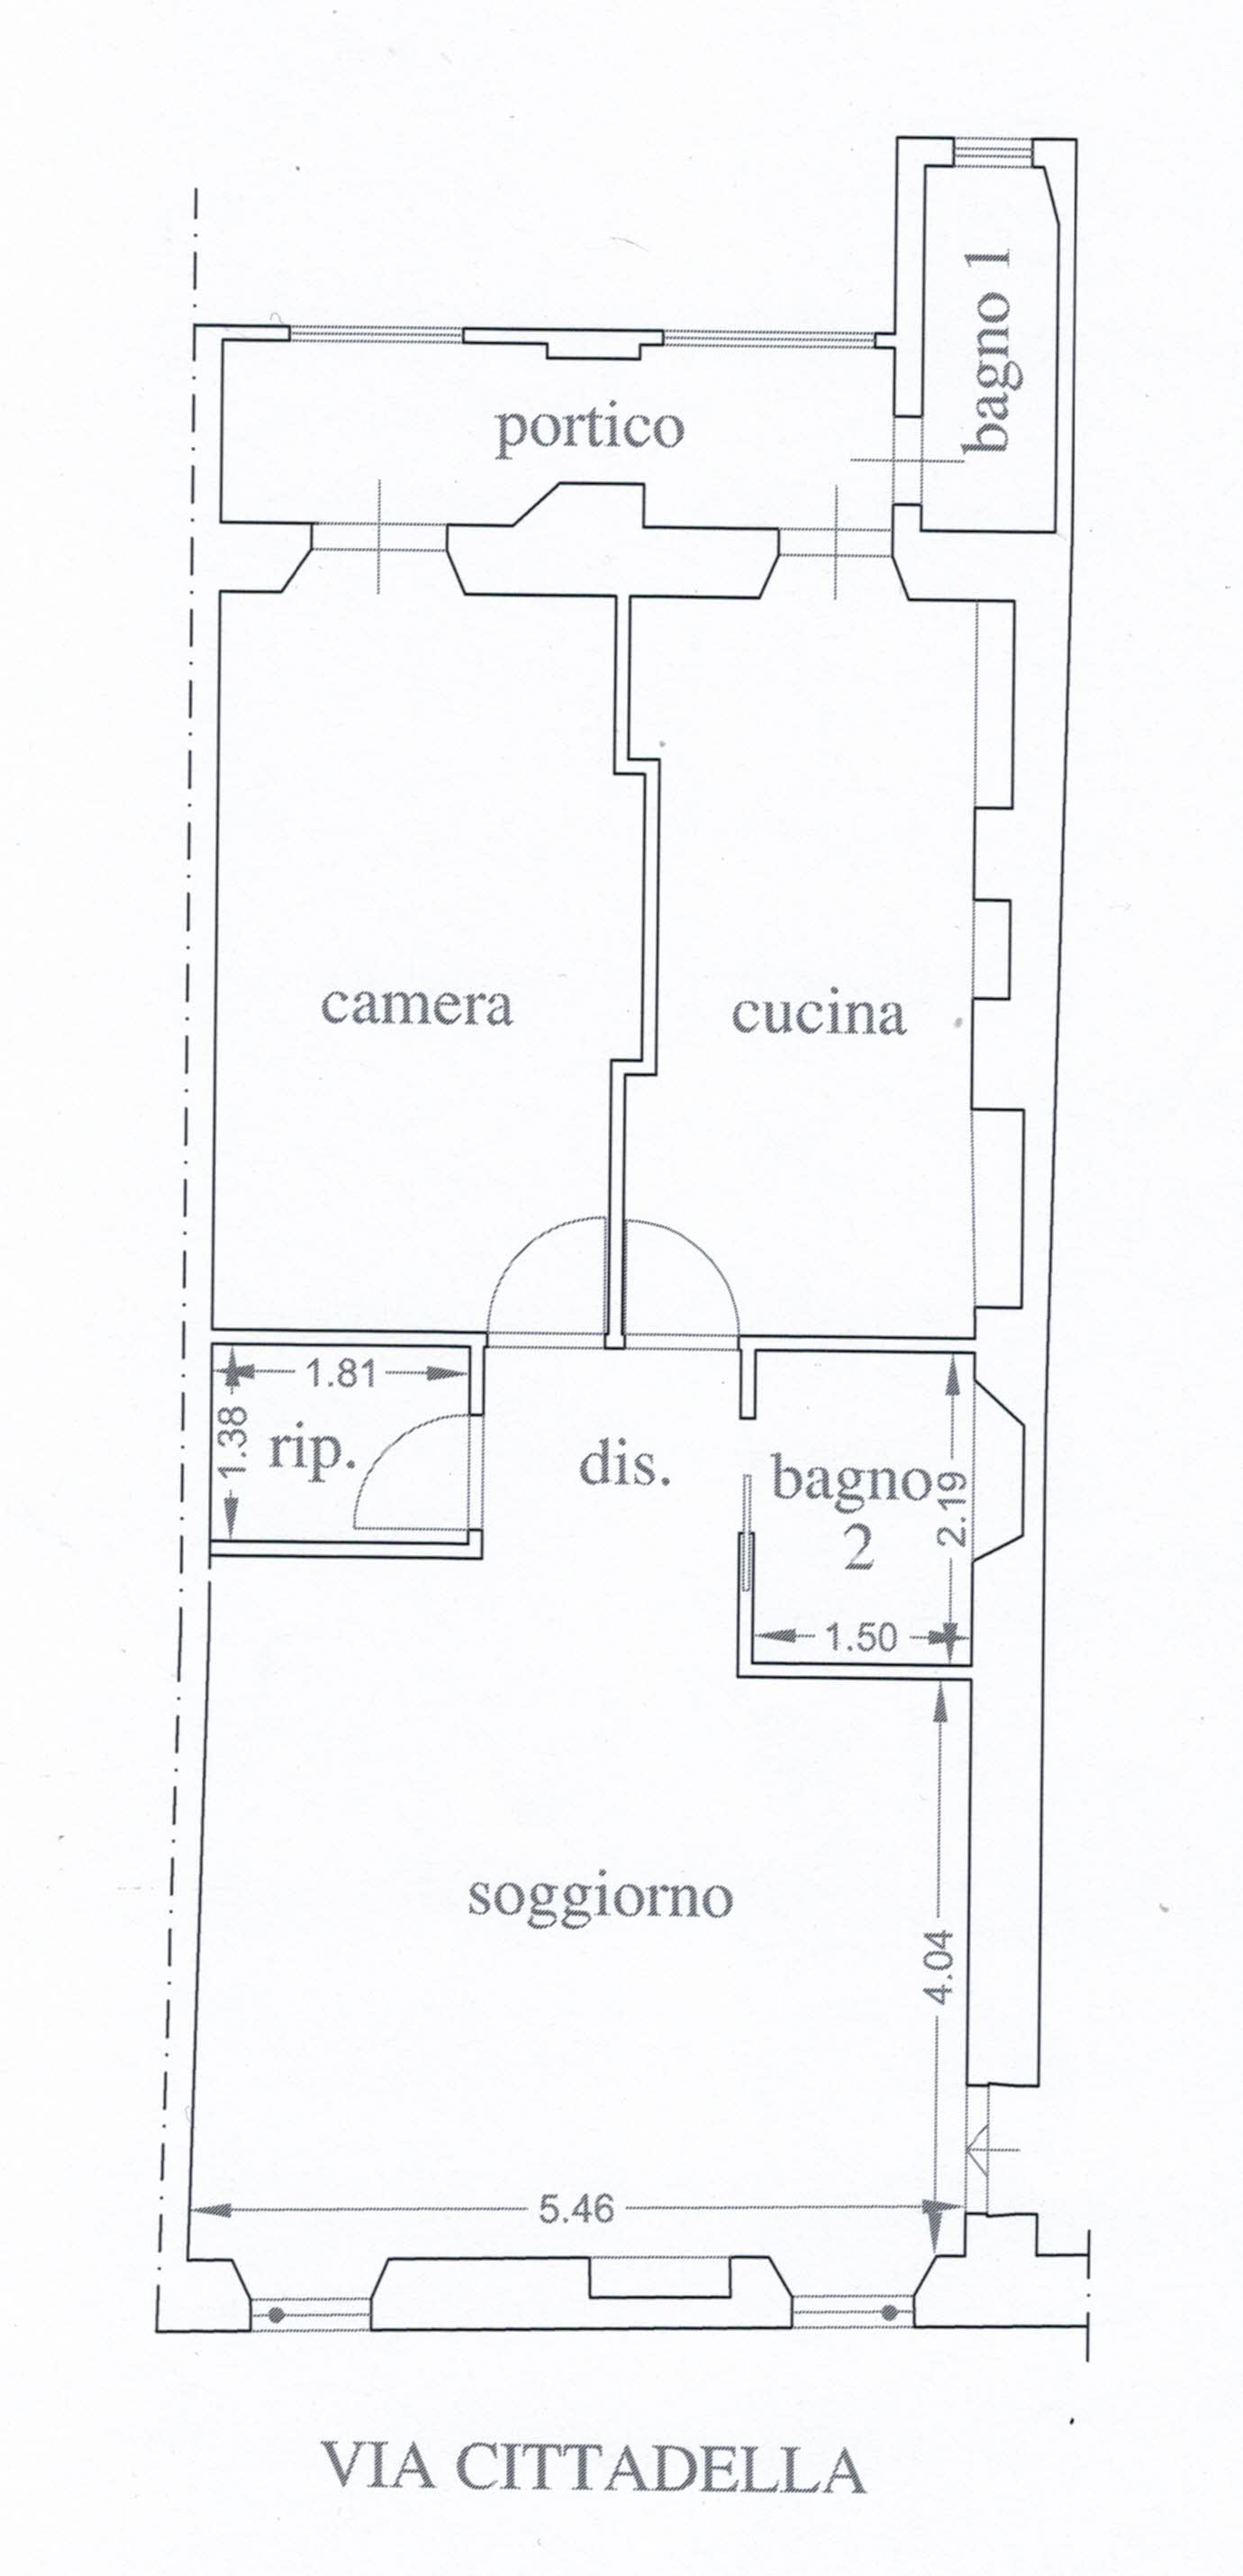 Appartamento in vendita, rif. 02405 (Planimetria 1/1)